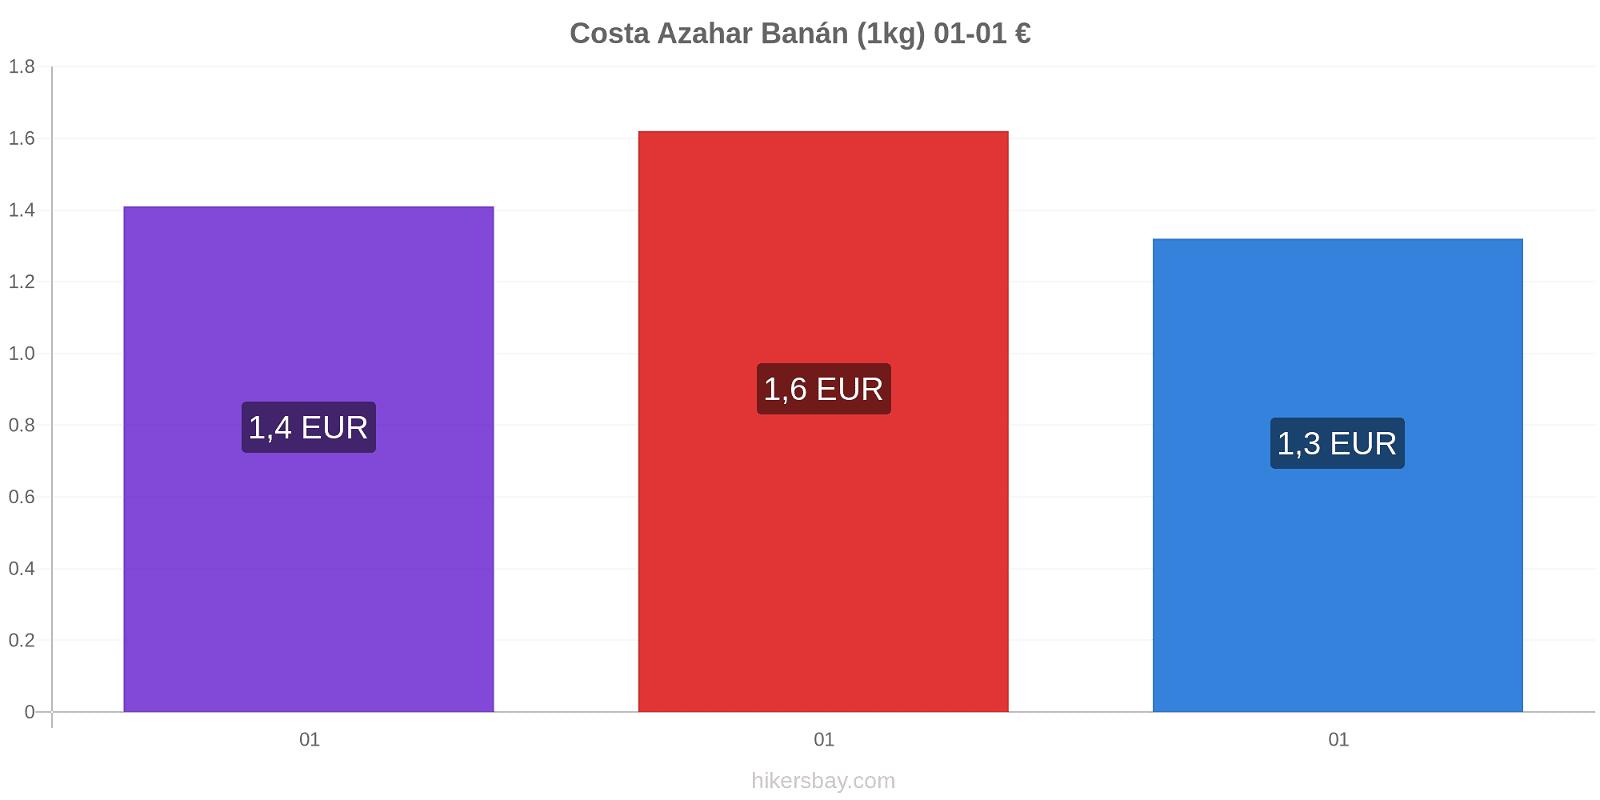 Costa Azahar árváltozások Banán (1kg) hikersbay.com